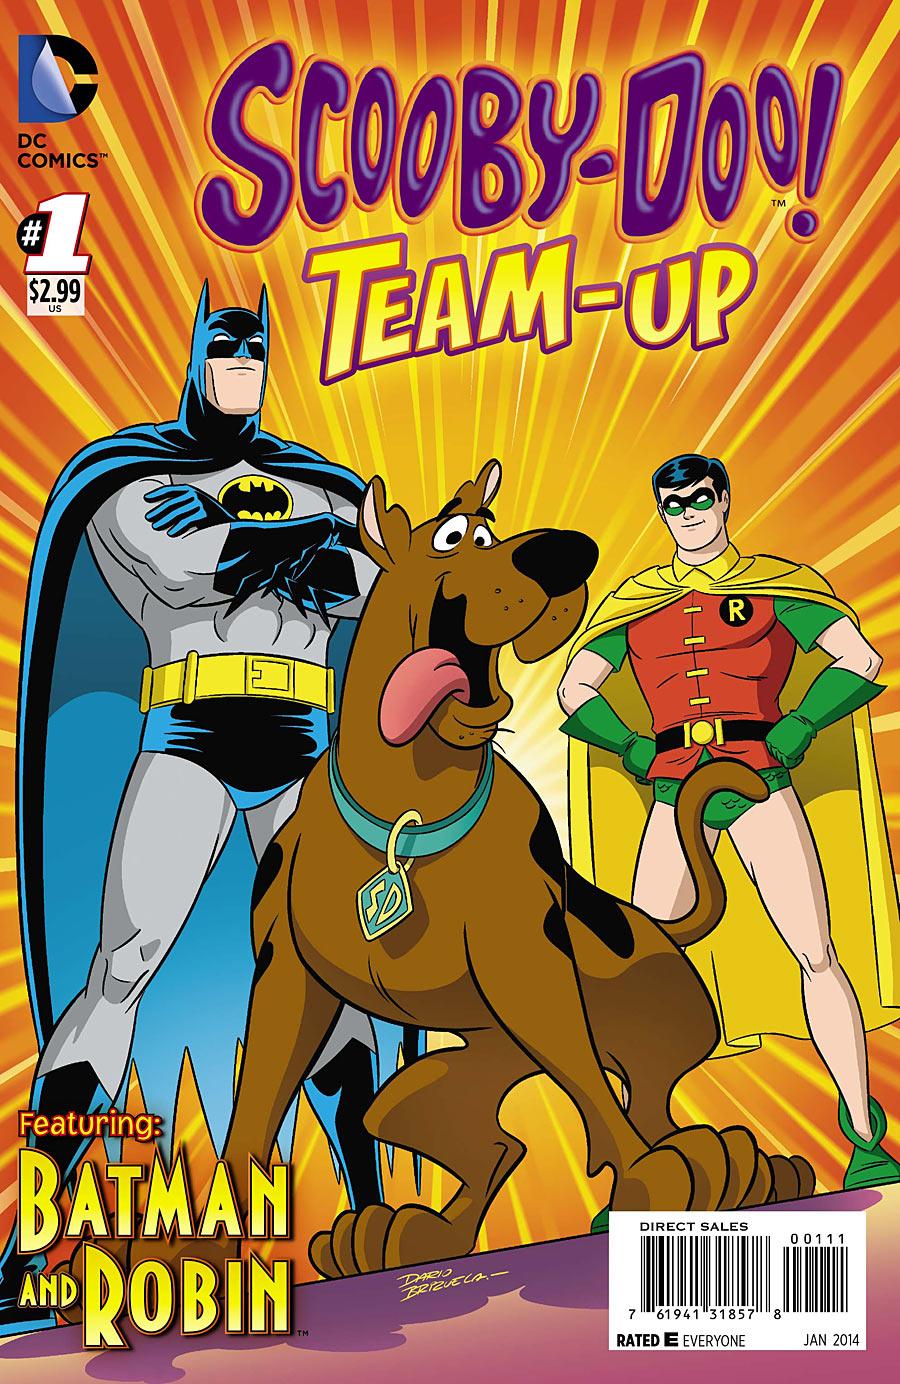 Scooby-Doo! Team-Up Vol 1